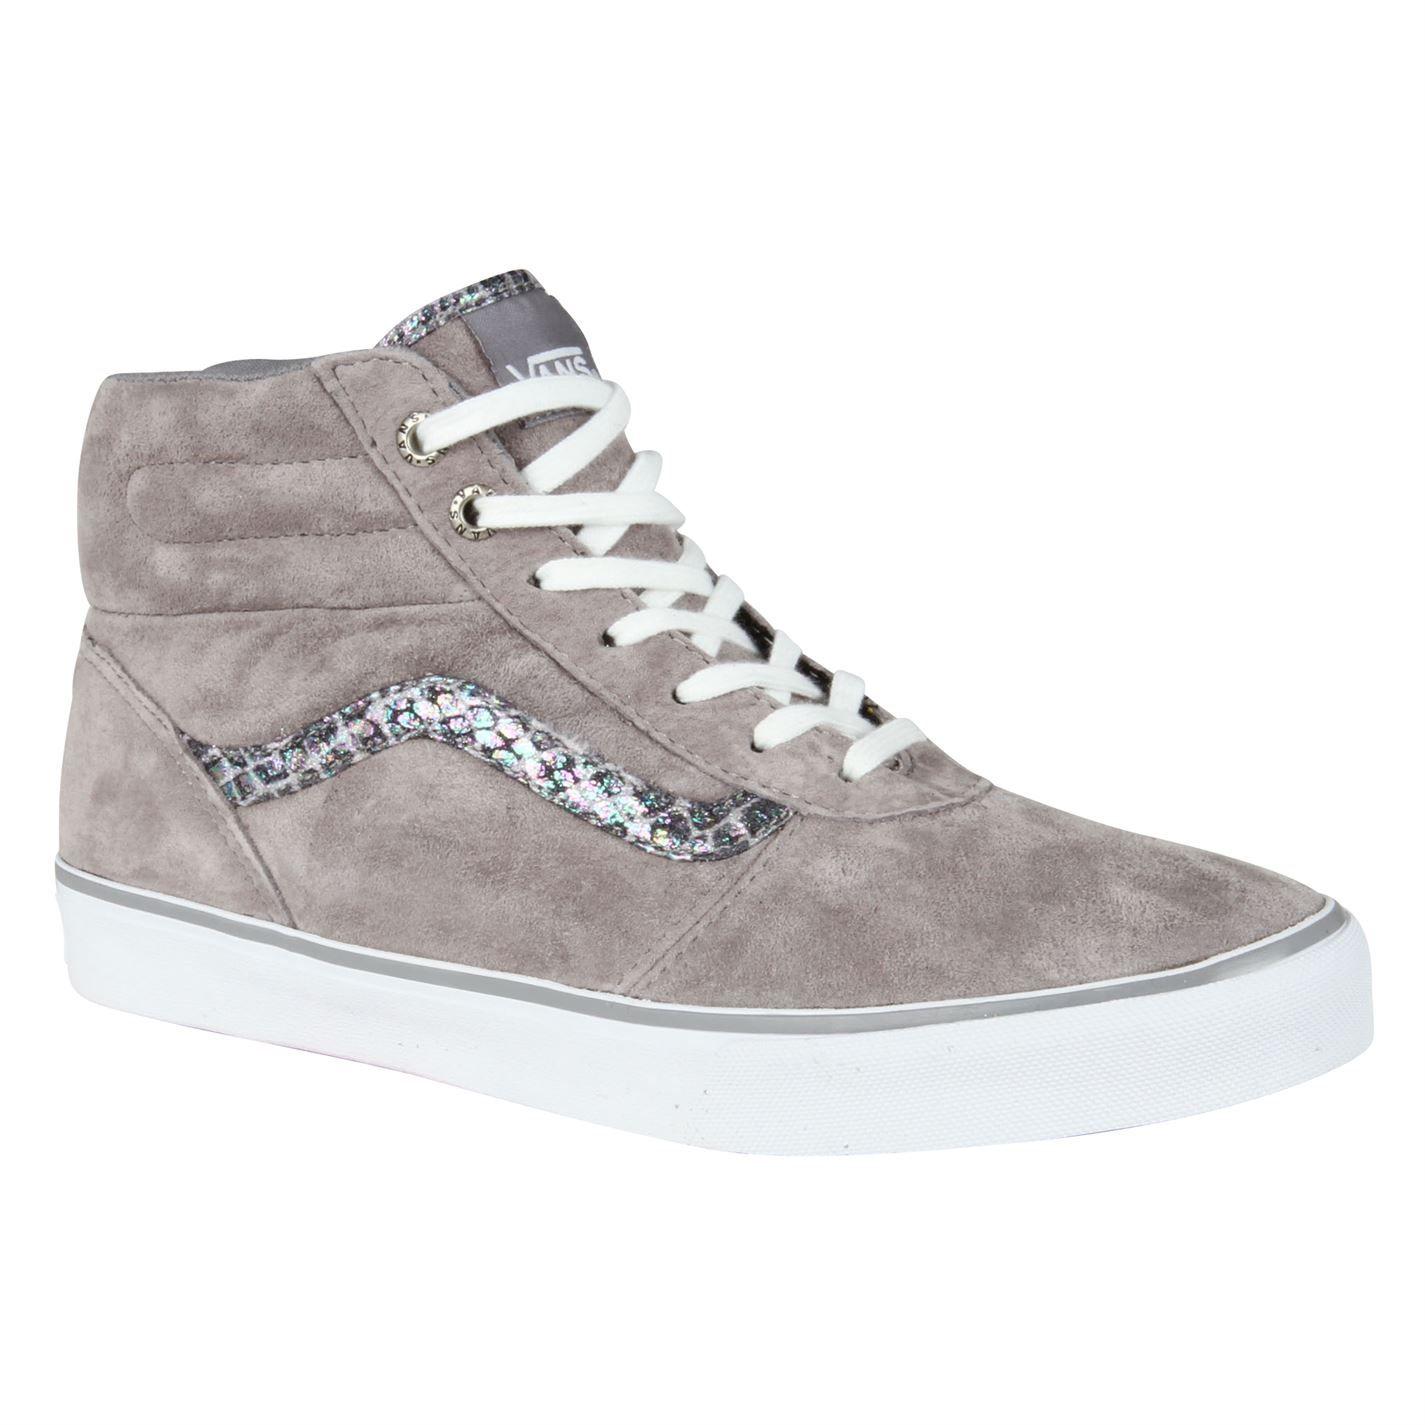 Vans Womens Grey Skate Shoes Milton Hi Snake Trainers Snake Ladies